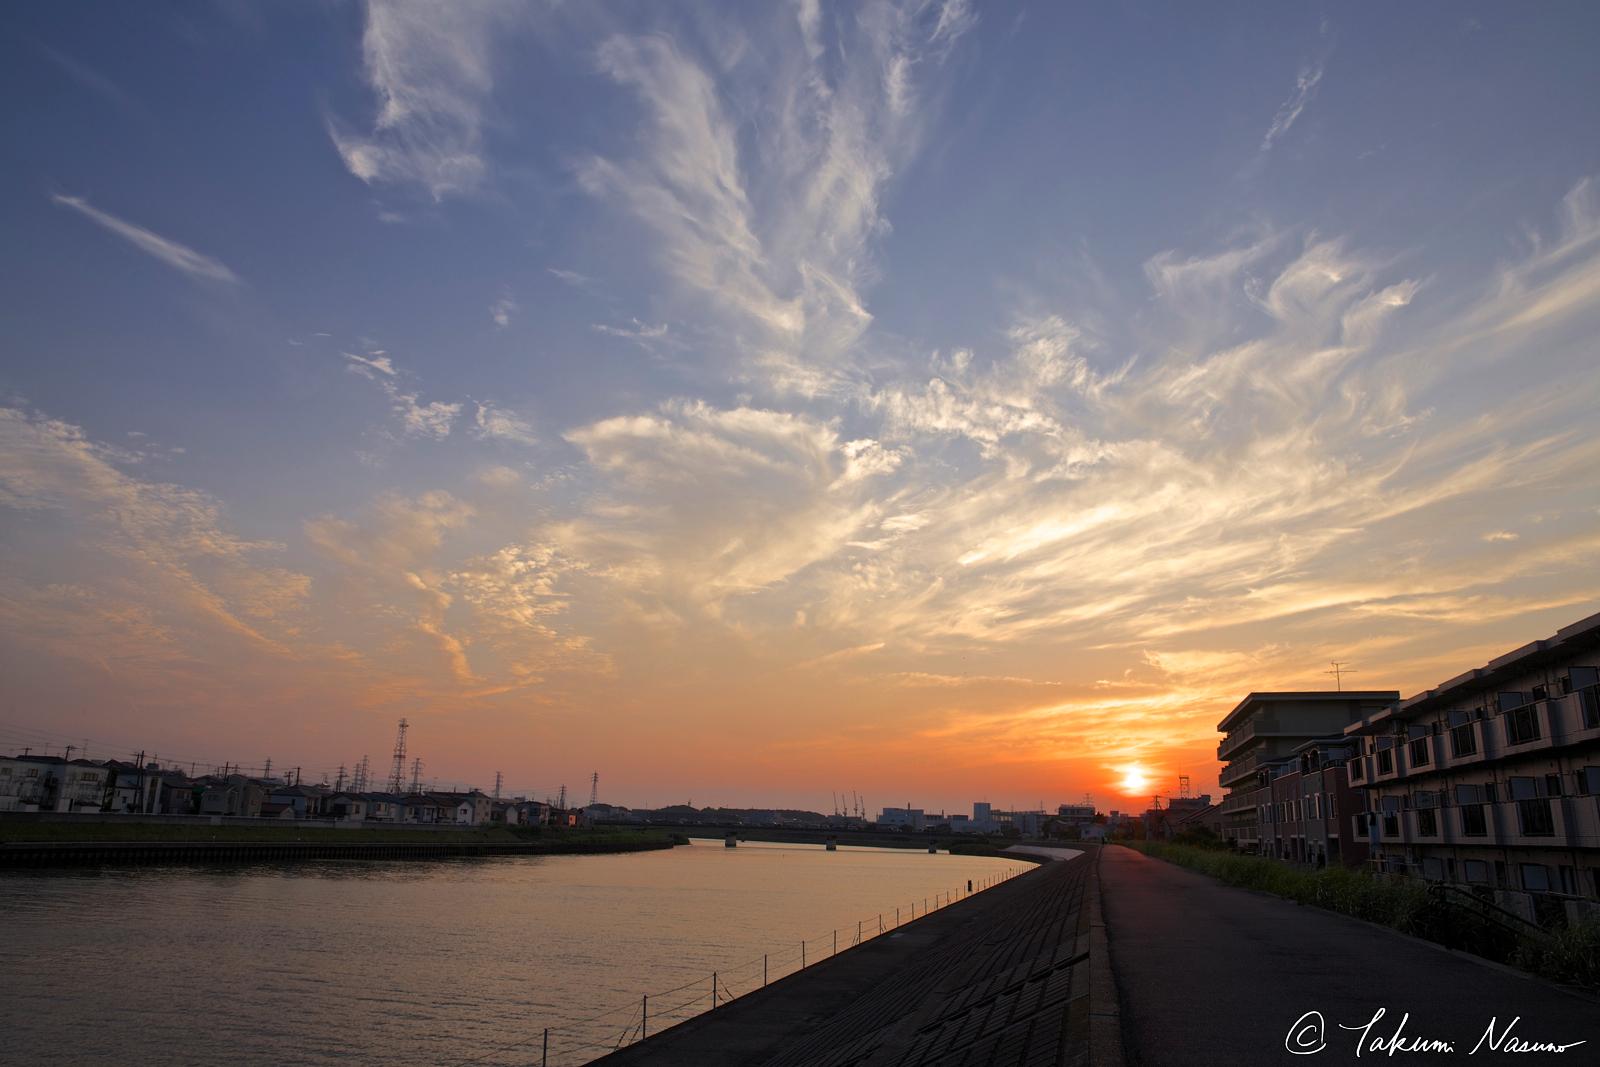 Tsurumi_Tsurumi-River_w03